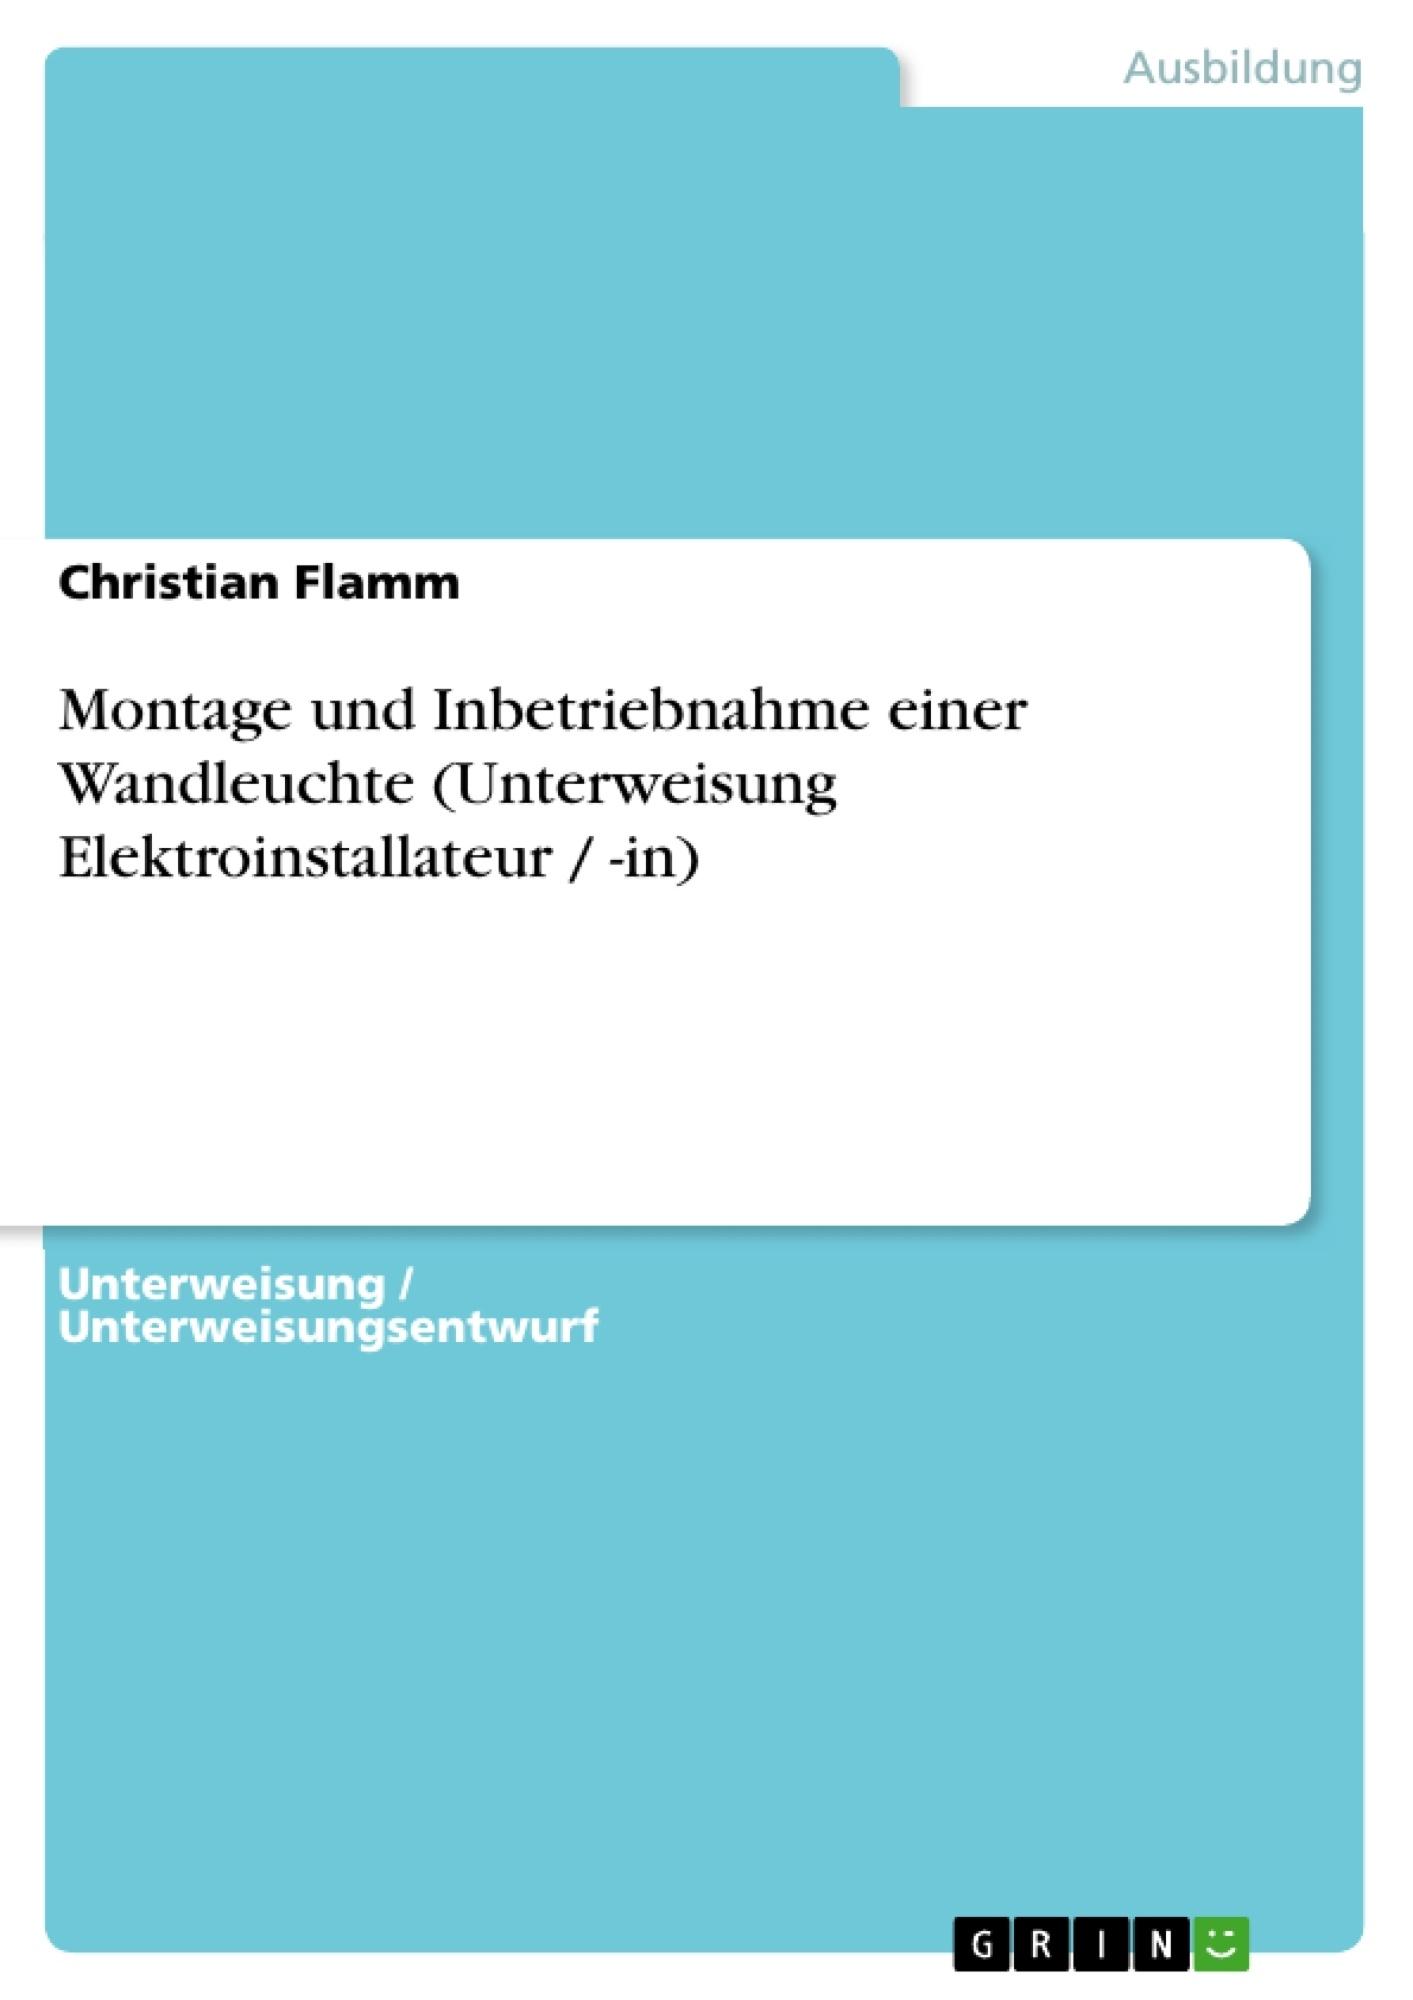 Titel: Montage und Inbetriebnahme einer Wandleuchte (Unterweisung Elektroinstallateur / -in)